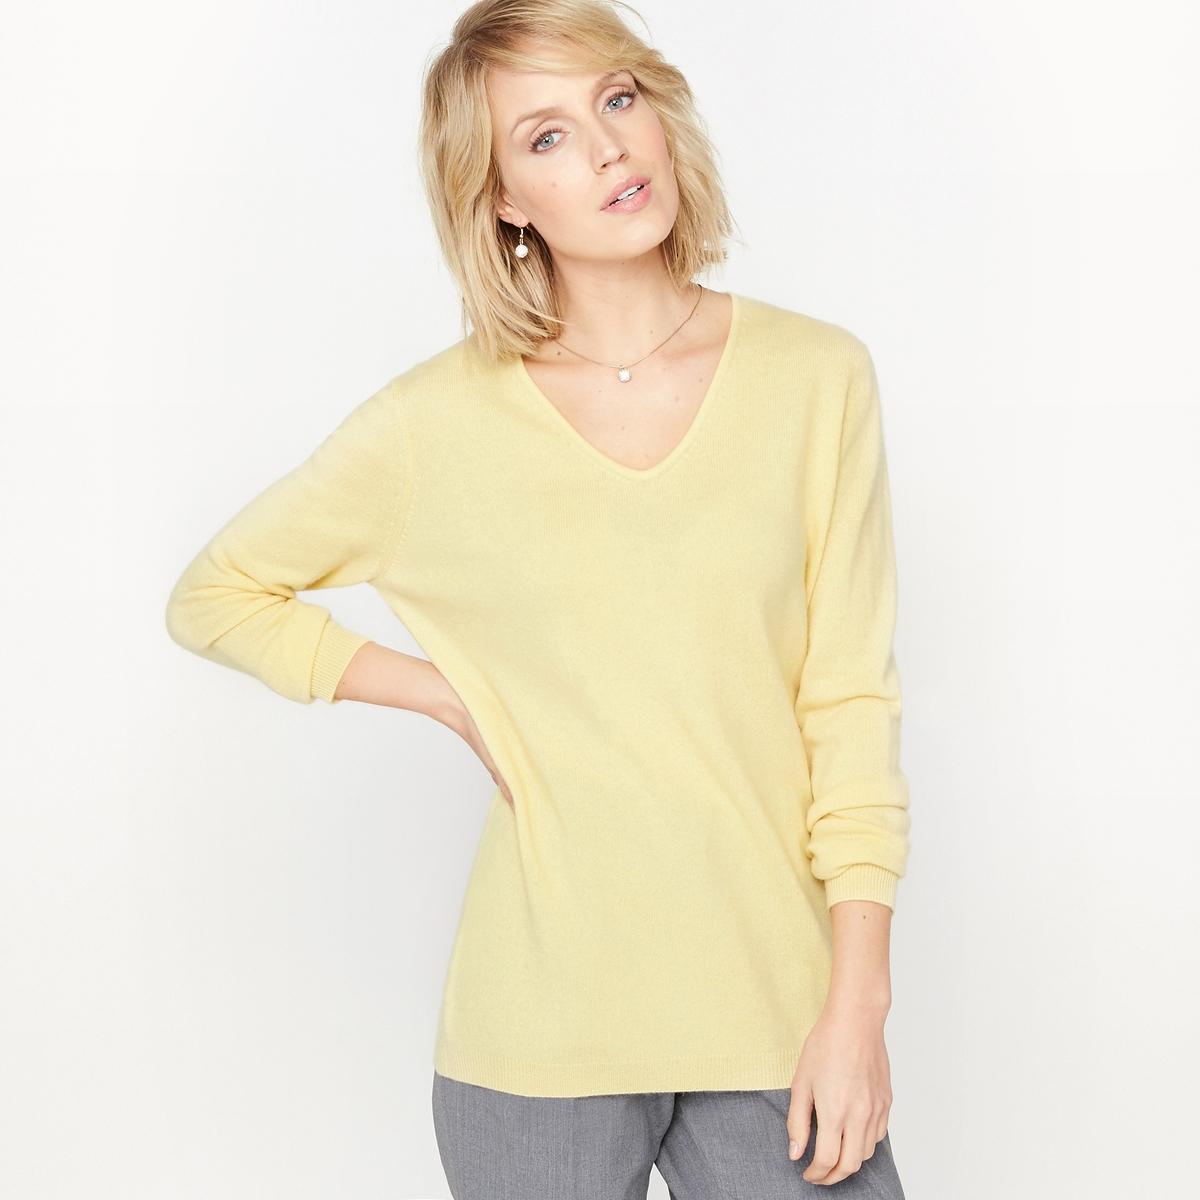 Пуловер с V-образным вырезом, 100% кашемирПуловер с V-образным вырезом. Этот роскошный пуловер подарит вам непревзойденное ощущение мягкости! Невероятная лёгкость и легендарная мягкость кашемира позволяют носить этот пуловер, ничего не пододевая. Длинные рукава. Края рукавов и низа связаны в рубчик. Приспущенные плечевые швы.    Состав и описание : Материал: 100% кашемирДлина: 62 смМарка:  Anne WeyburnУход :Ручная стирка или сухая чистка.Стирать и гладить с изнанки..Сушить на горизонтальной поверхности в расправленном состоянии.Гладить на низкой температуре.<br><br>Цвет: бирюзовый,желтый<br>Размер: 42/44 (FR) - 48/50 (RUS).42/44 (FR) - 48/50 (RUS).46/48 (FR) - 52/54 (RUS).50/52 (FR) - 56/58 (RUS)